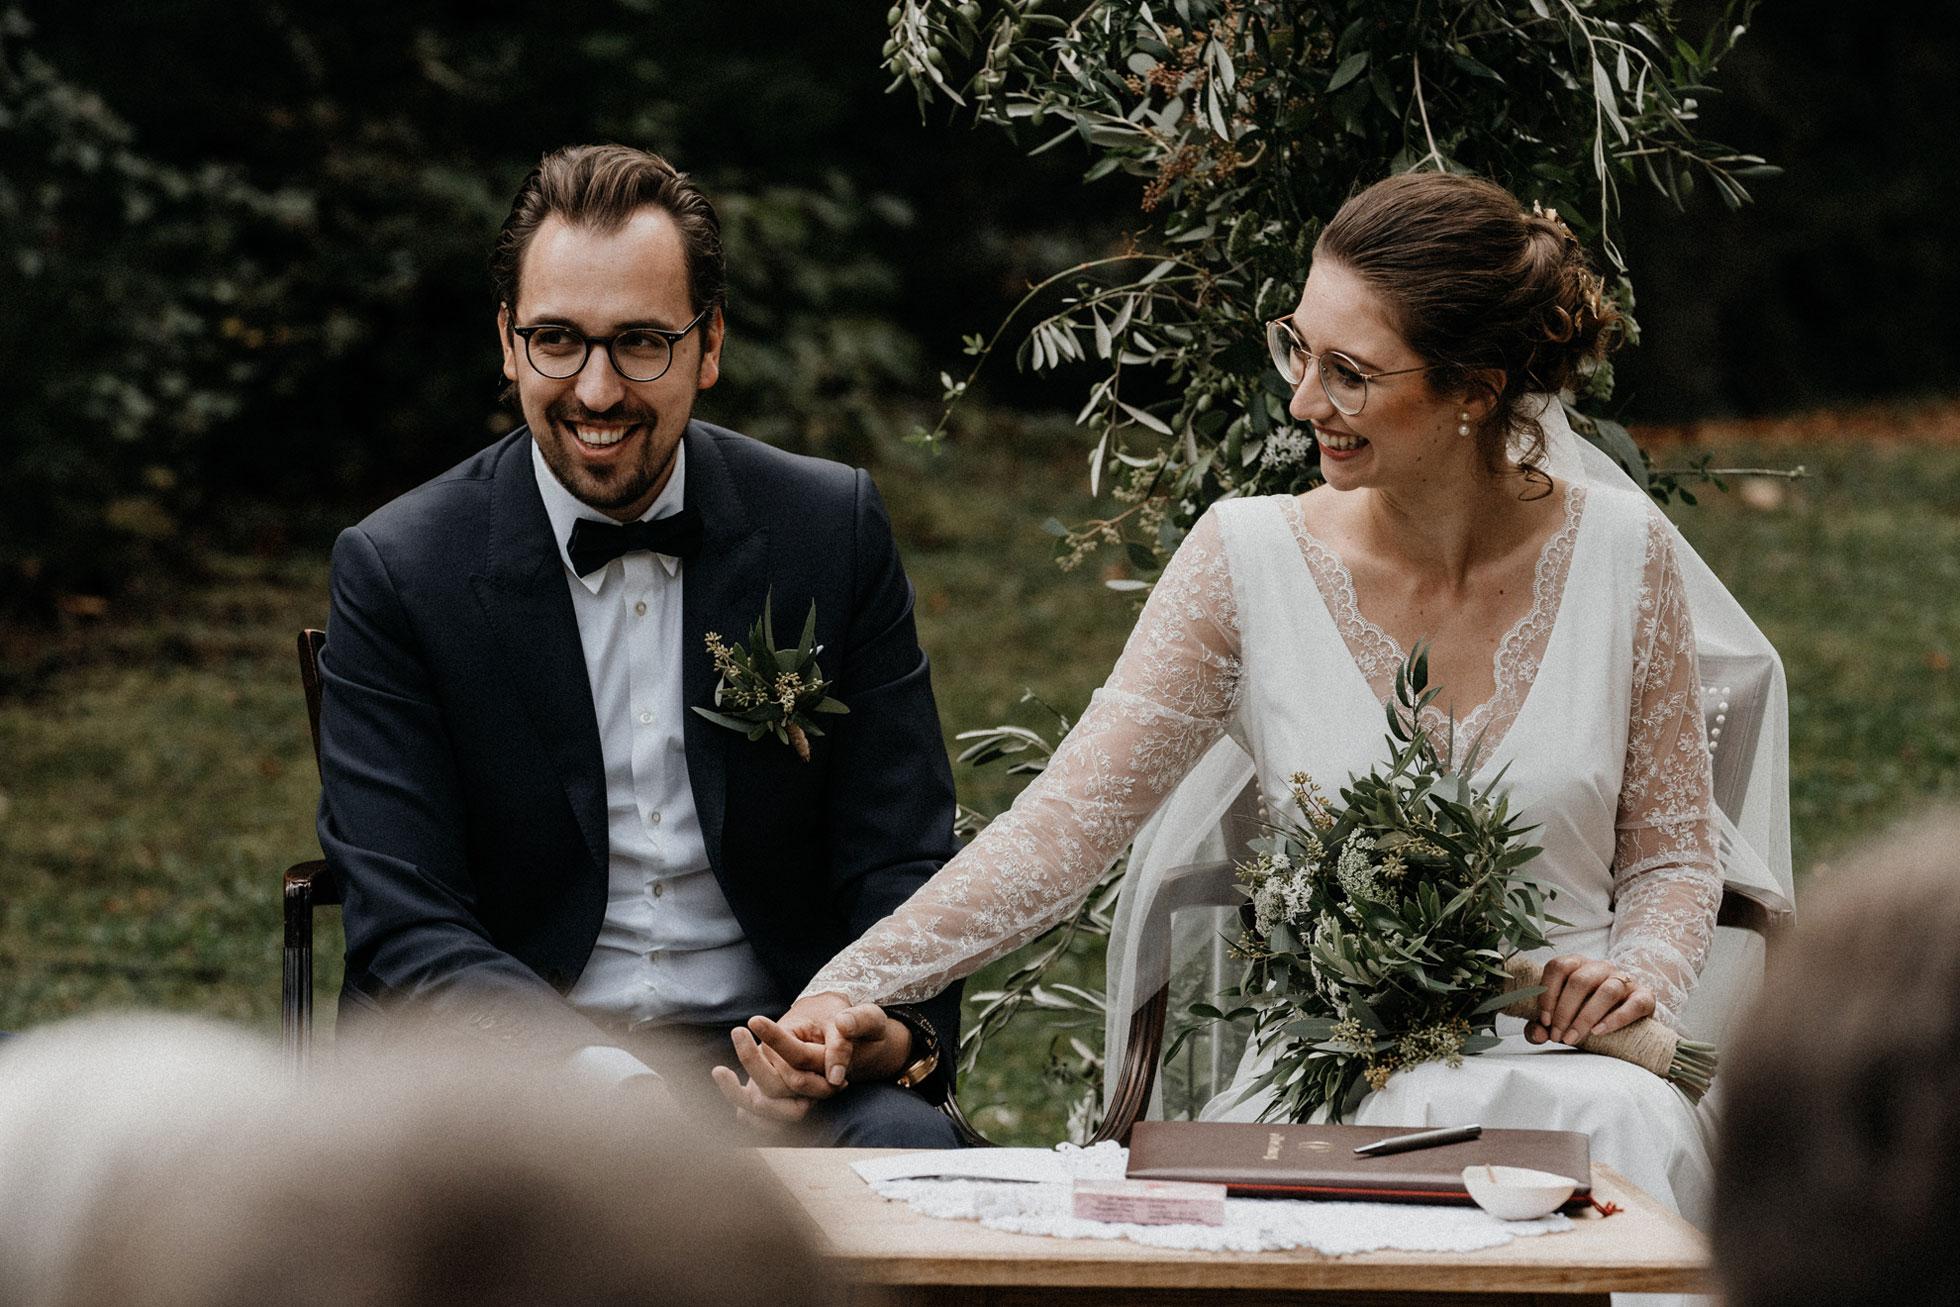 Hochzeit_Claire_Manuel_Villa_Maund_Daniel_Jenny-128.jpg